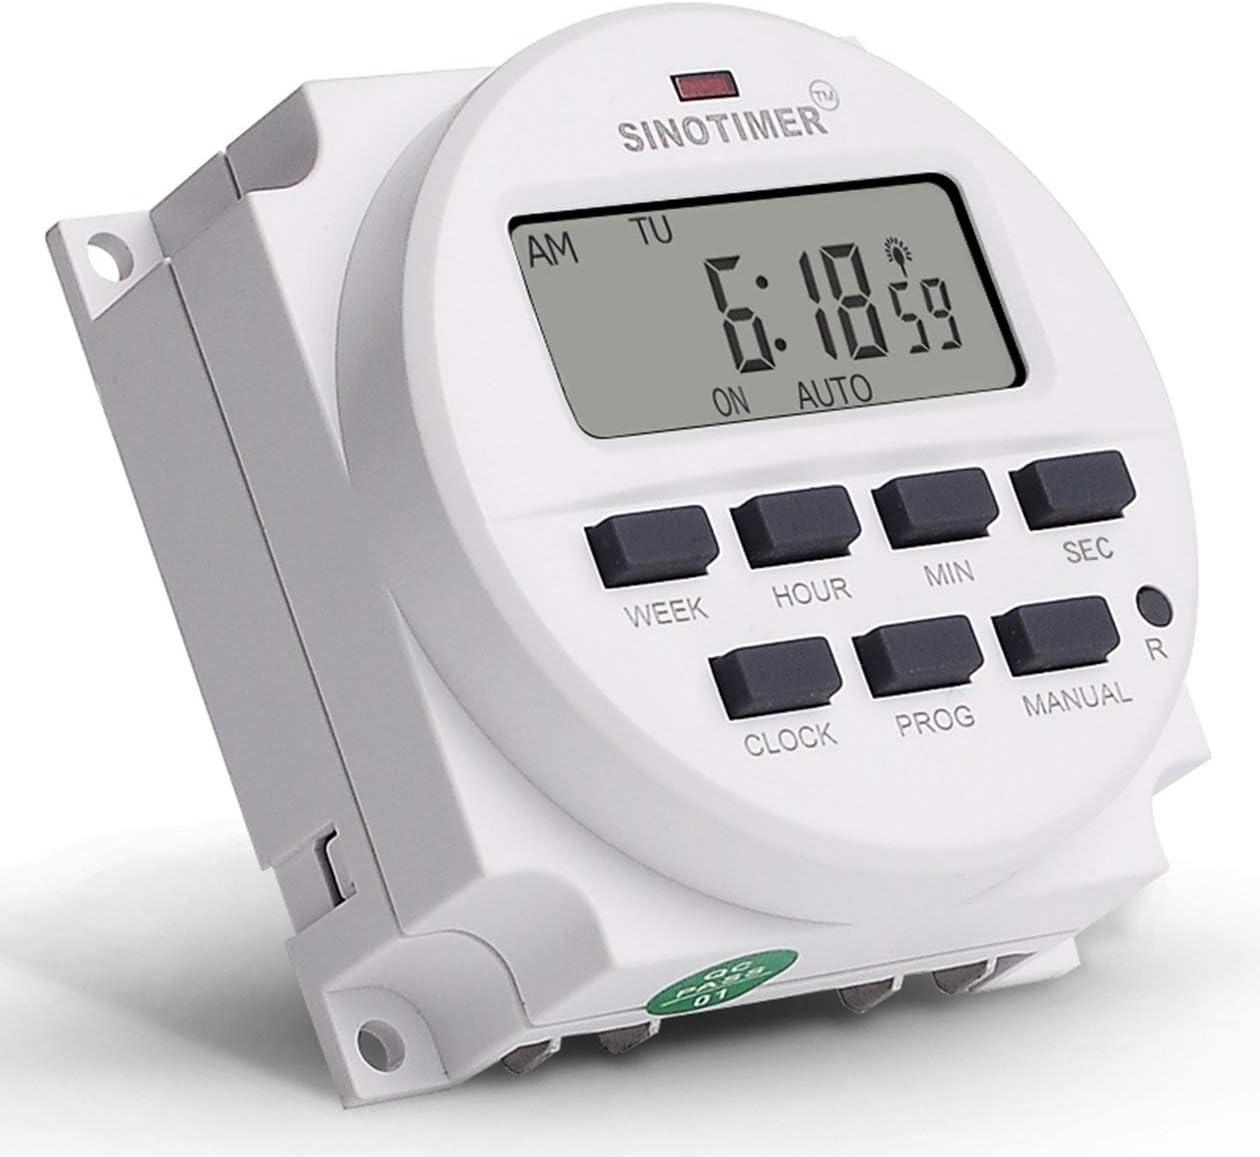 OFF couleur: blanc SINOTIMER 12V Hebdomadaire 7 jours Programmateur num/érique Programmateur de relais pour appareils /électriques 8 R/églage ON